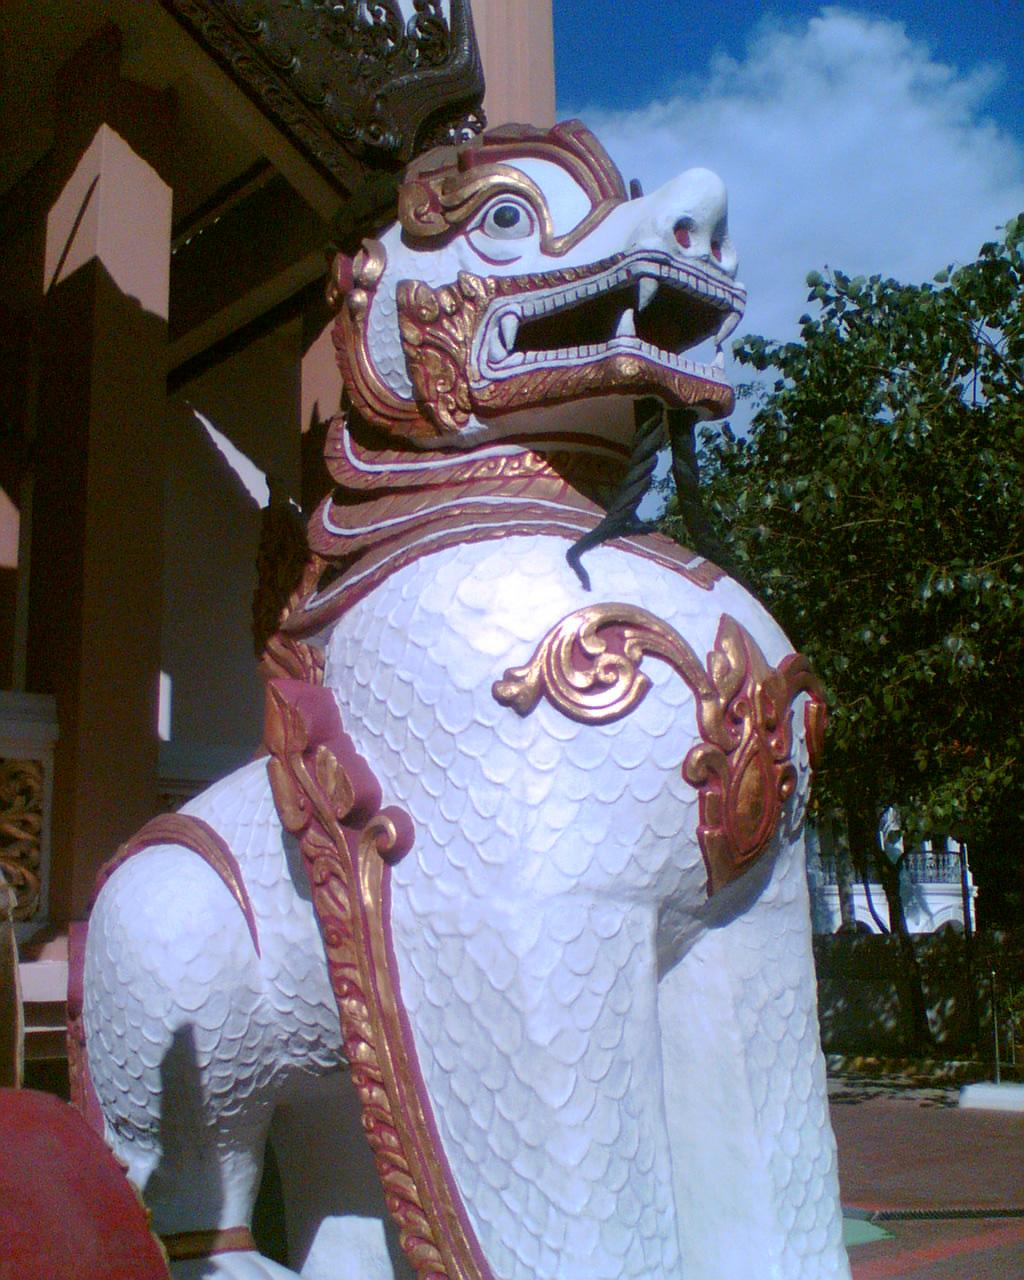 http://1.bp.blogspot.com/_wcjPZ-qJFvE/TEGTG79mzzI/AAAAAAAAIQA/lSGJlNbT_dU/s1600/temple.jpg